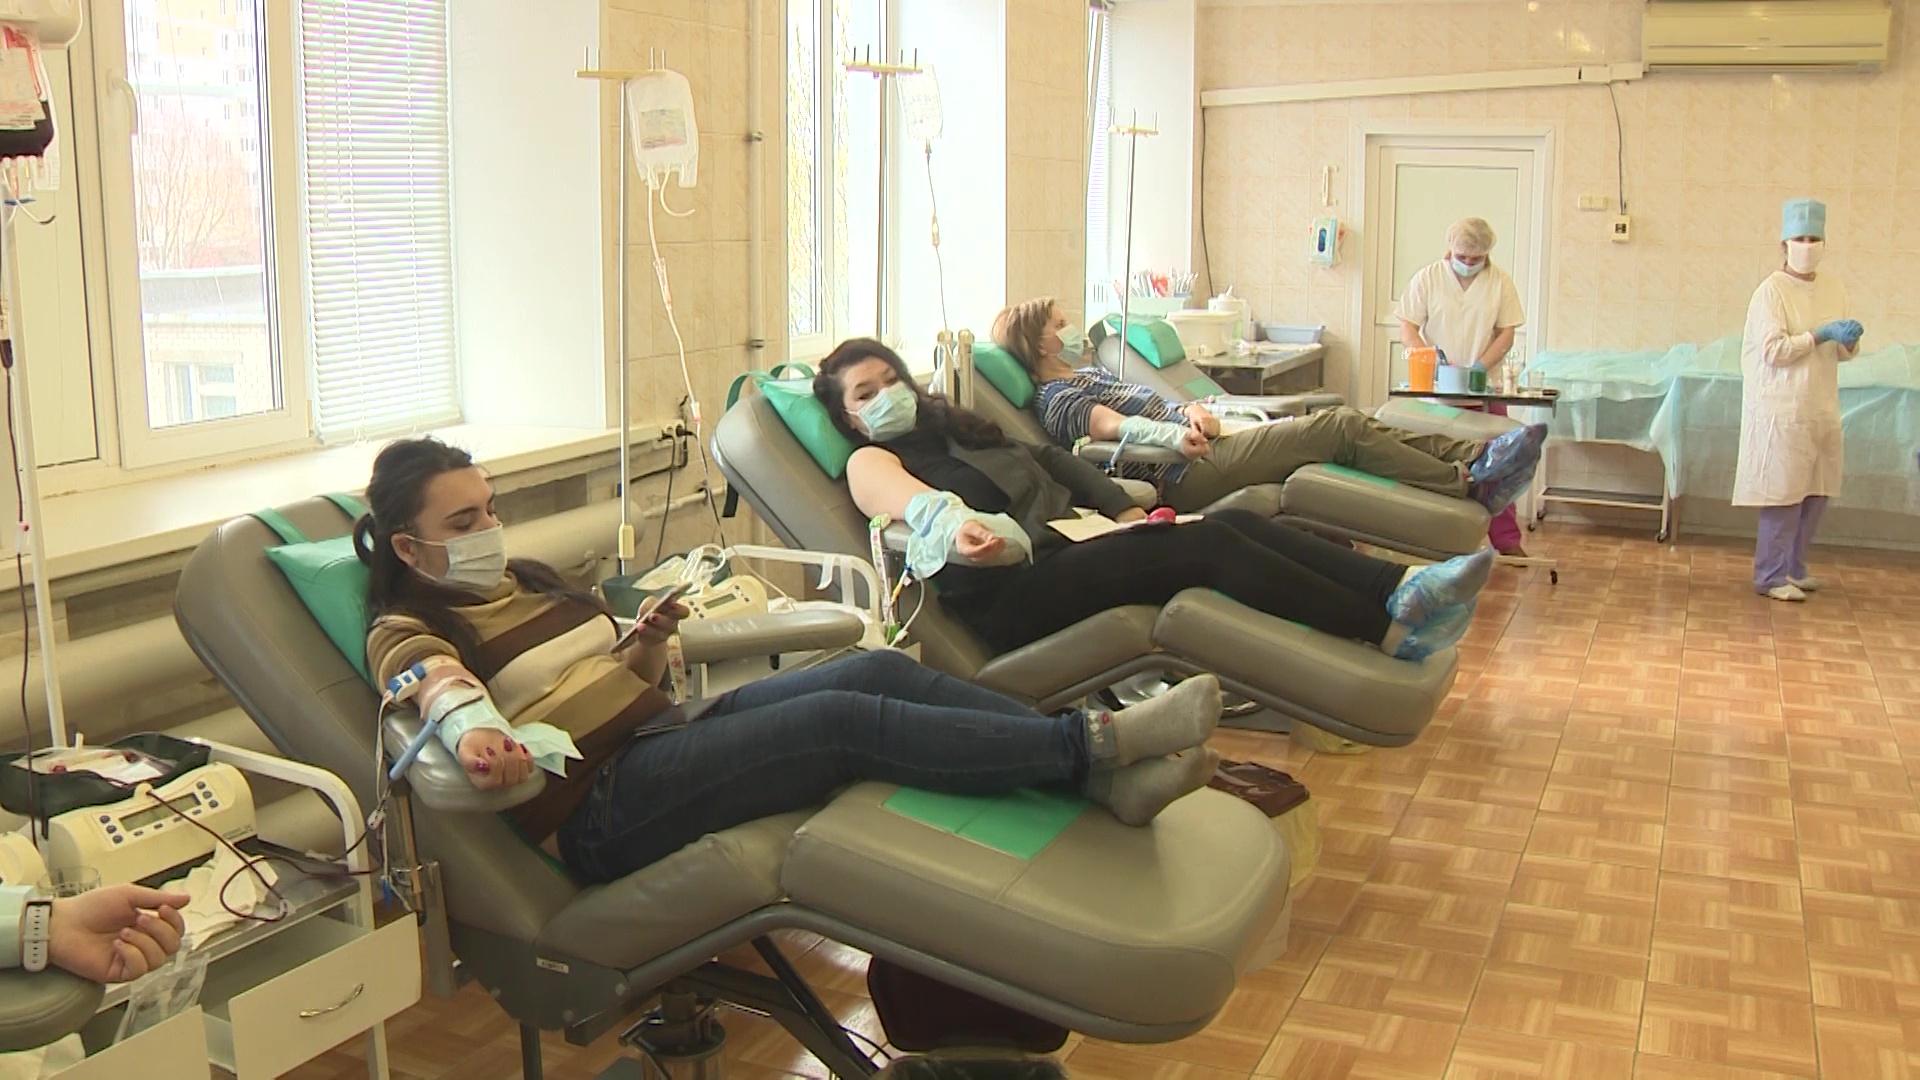 Доноры продолжают сдавать кровь, несмотря на режим самоизоляции